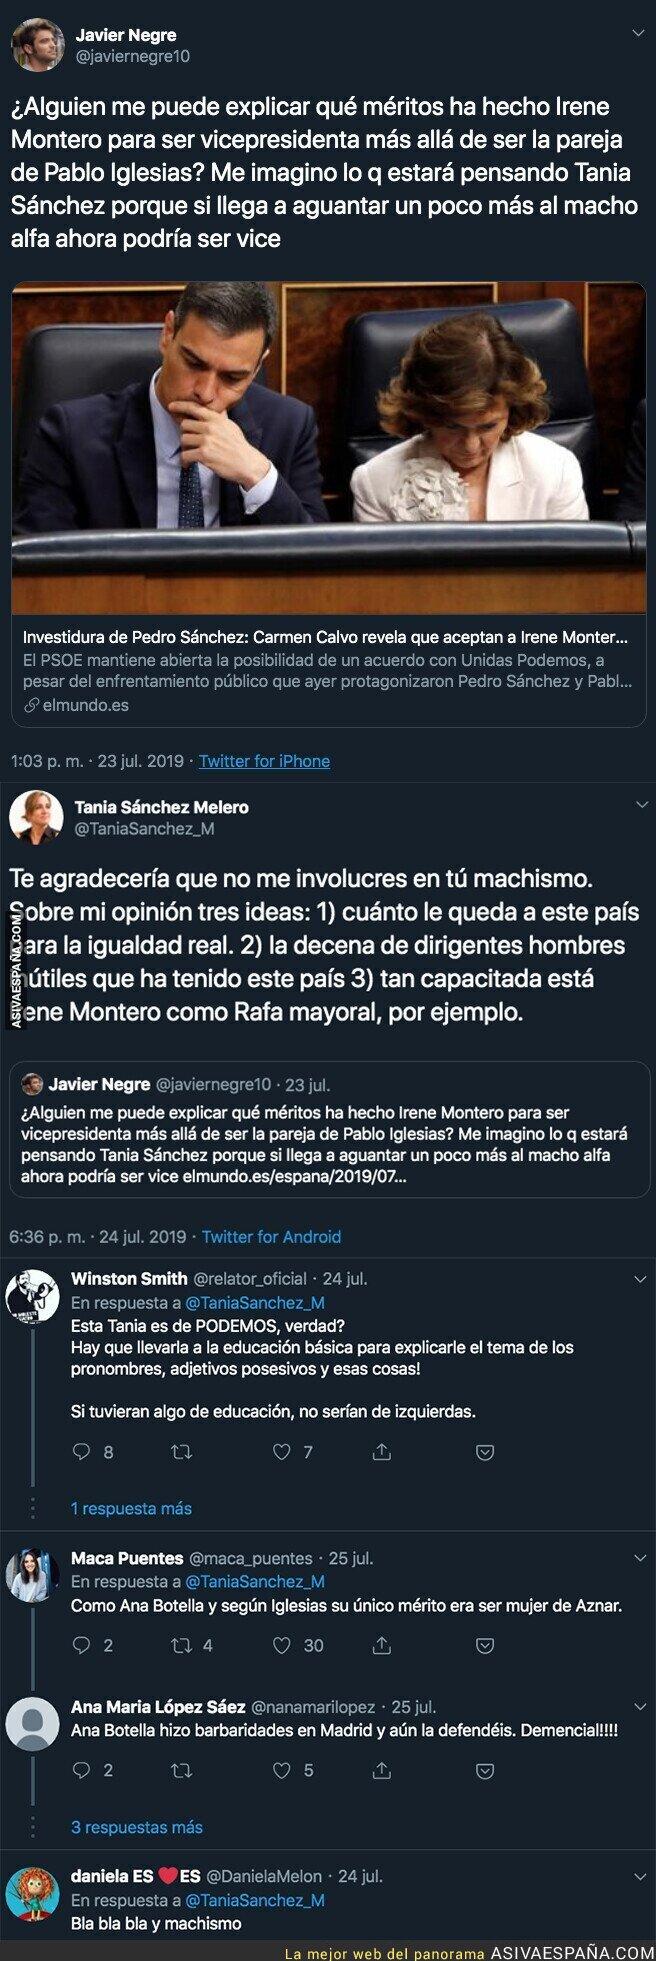 117361 - El periodista Javier Negre carga contra Irene Montero al querer ser vicepresidenta y Tania Sánchez le pega un ZASCA monumental